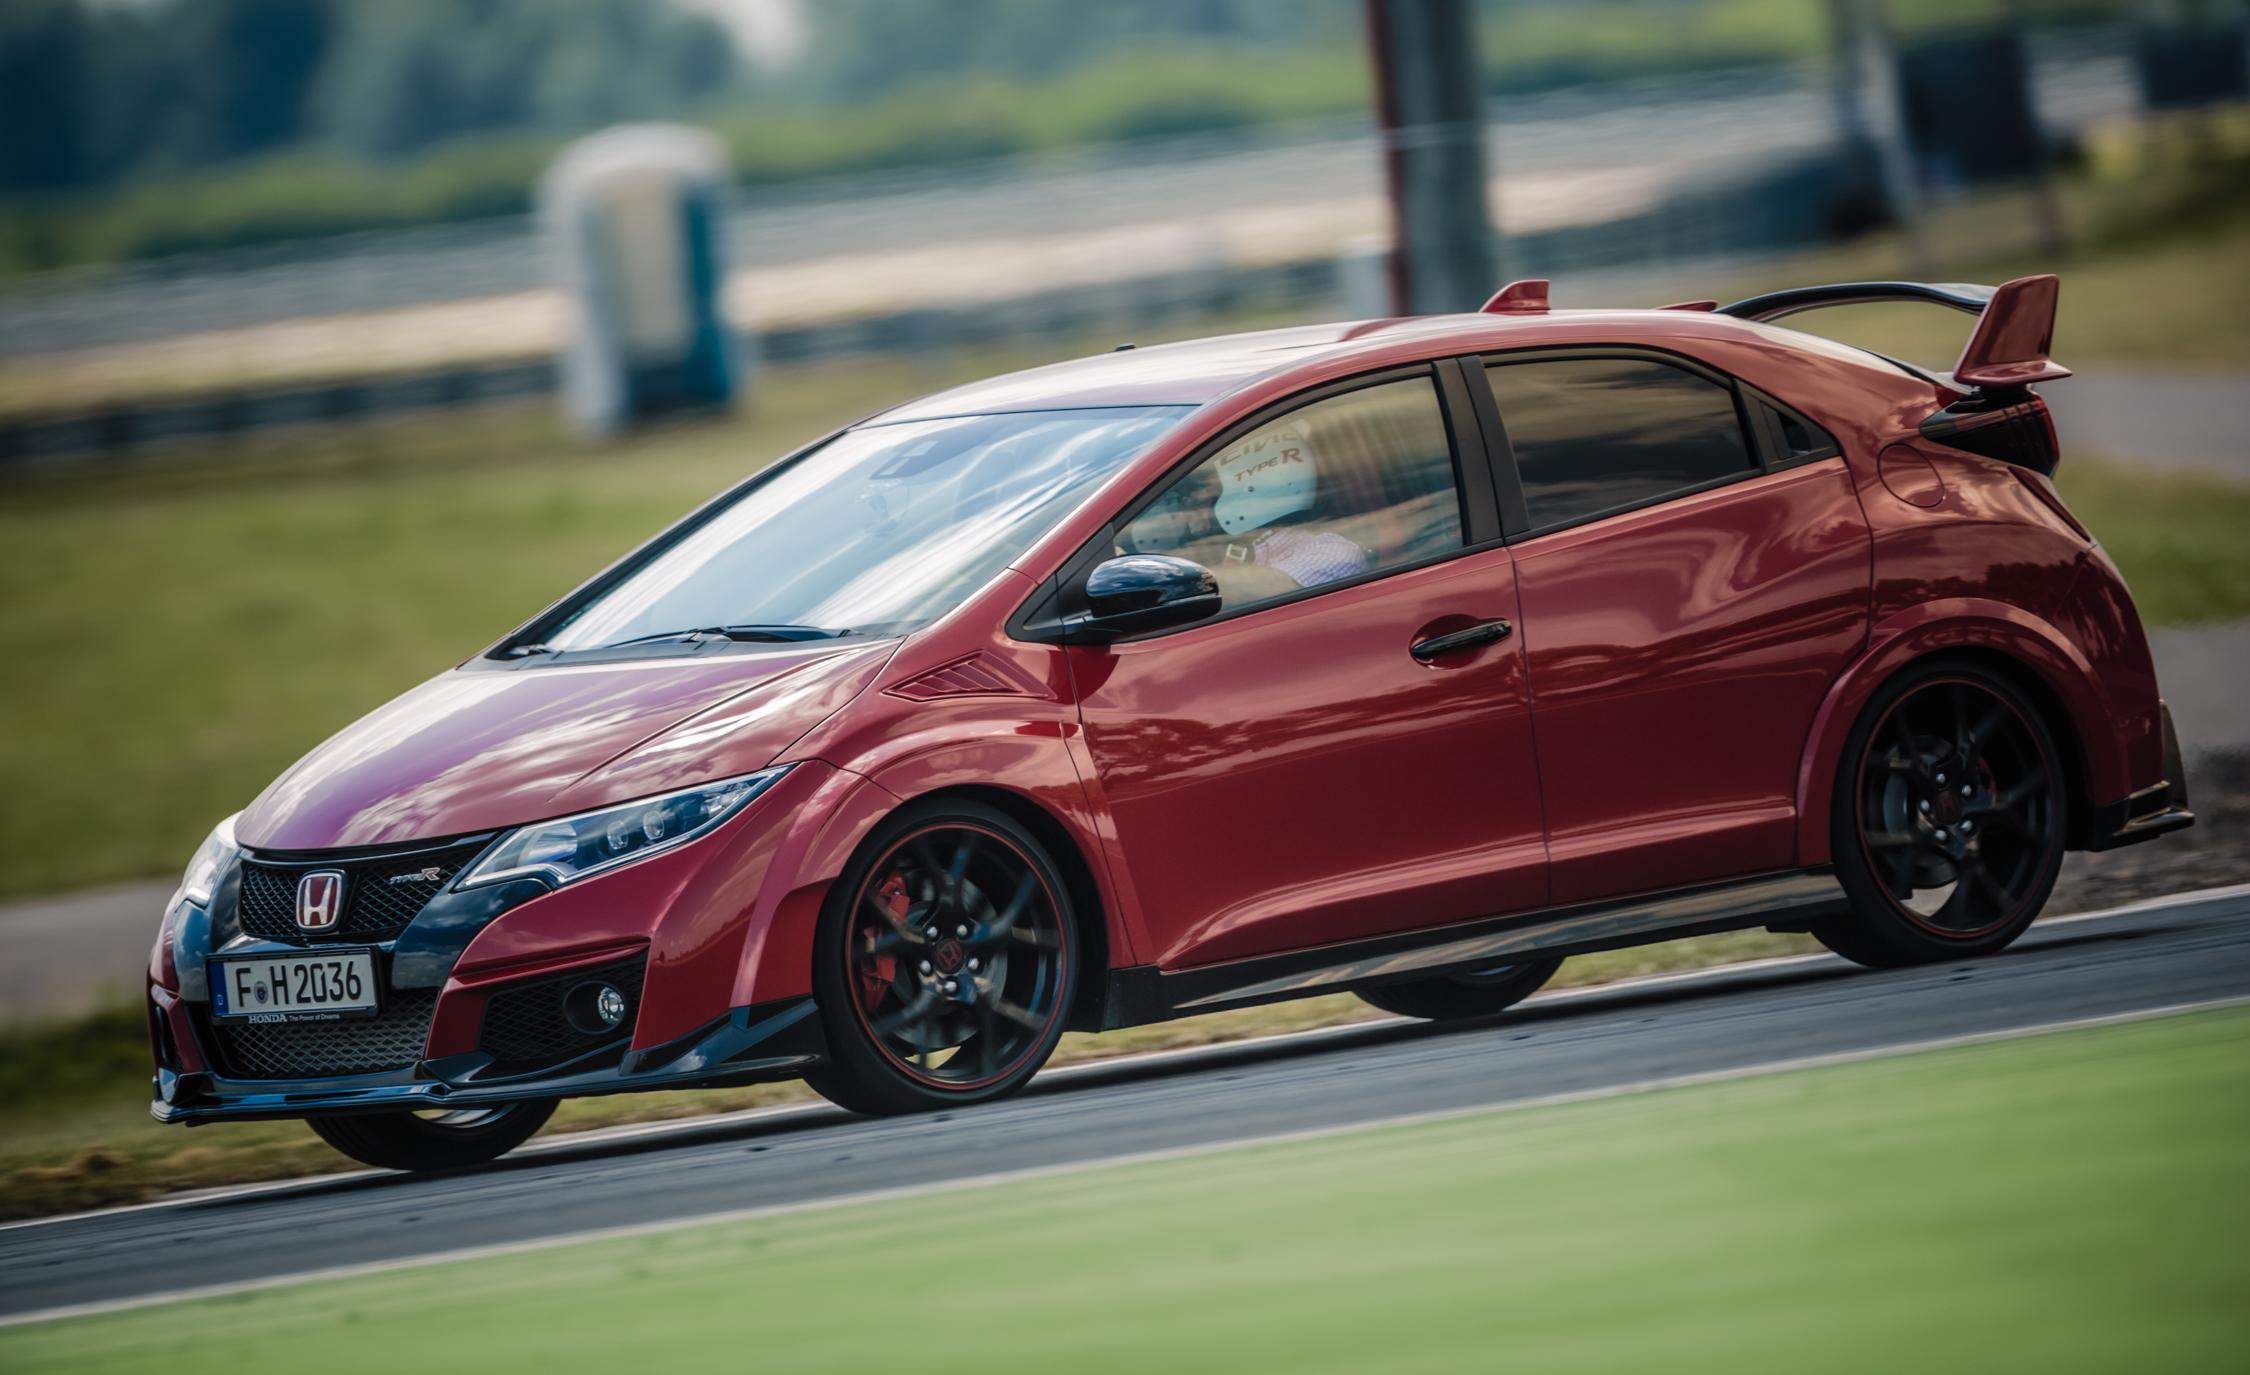 2015 Honda Civic Type R Exterior Full